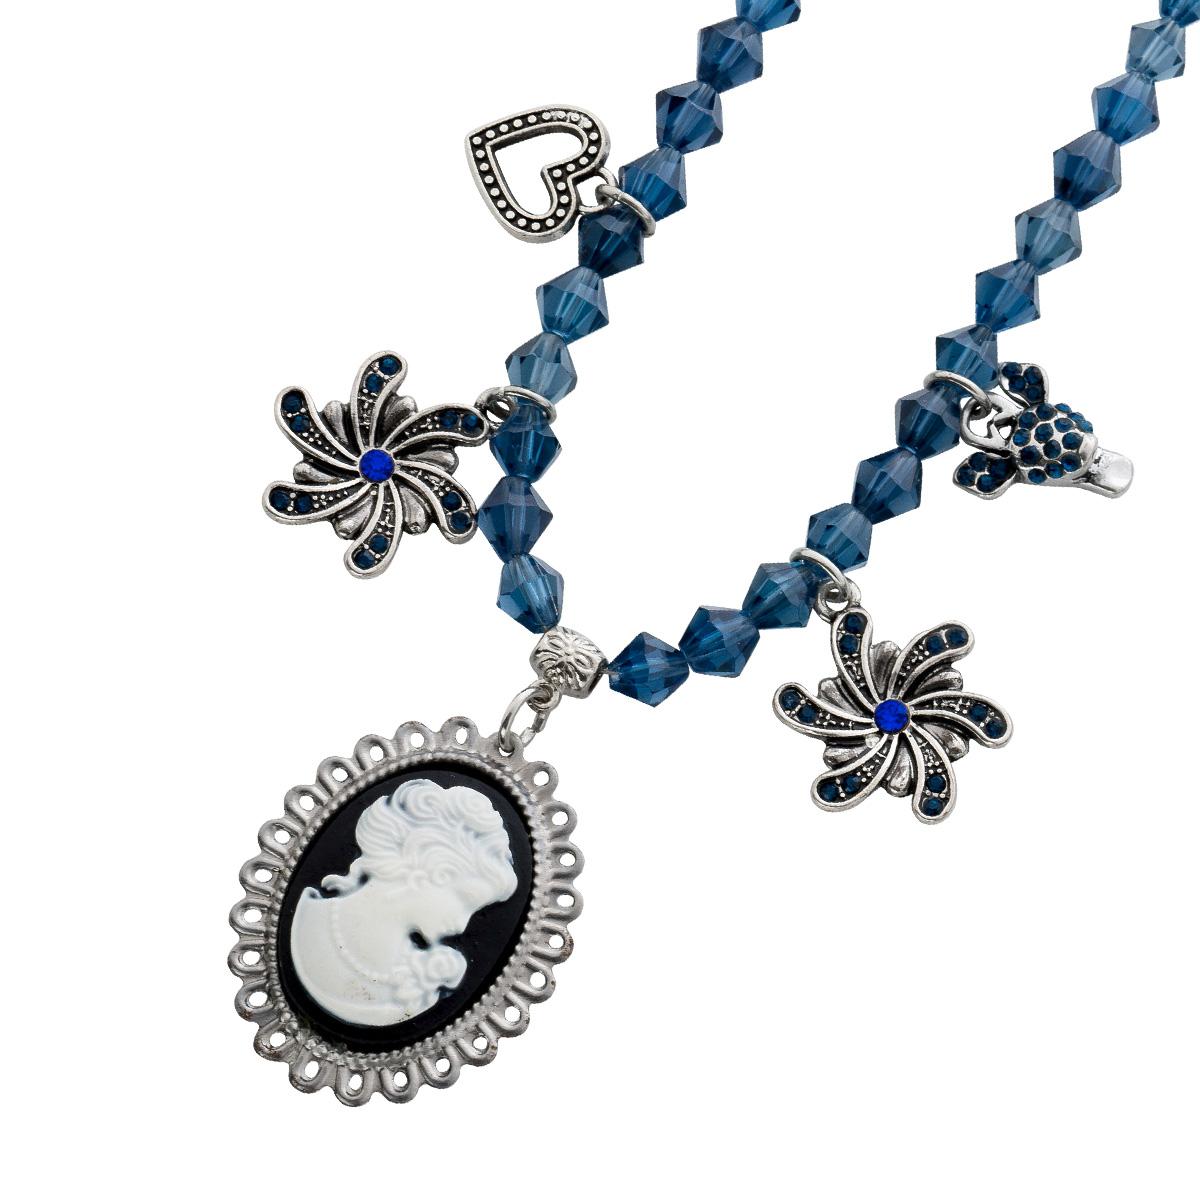 Trachtenschmuck Trachtenkette schwarz Blau Gemmen anhänger silber farbenes Metall Crystal Blue 38cm 38 259171038